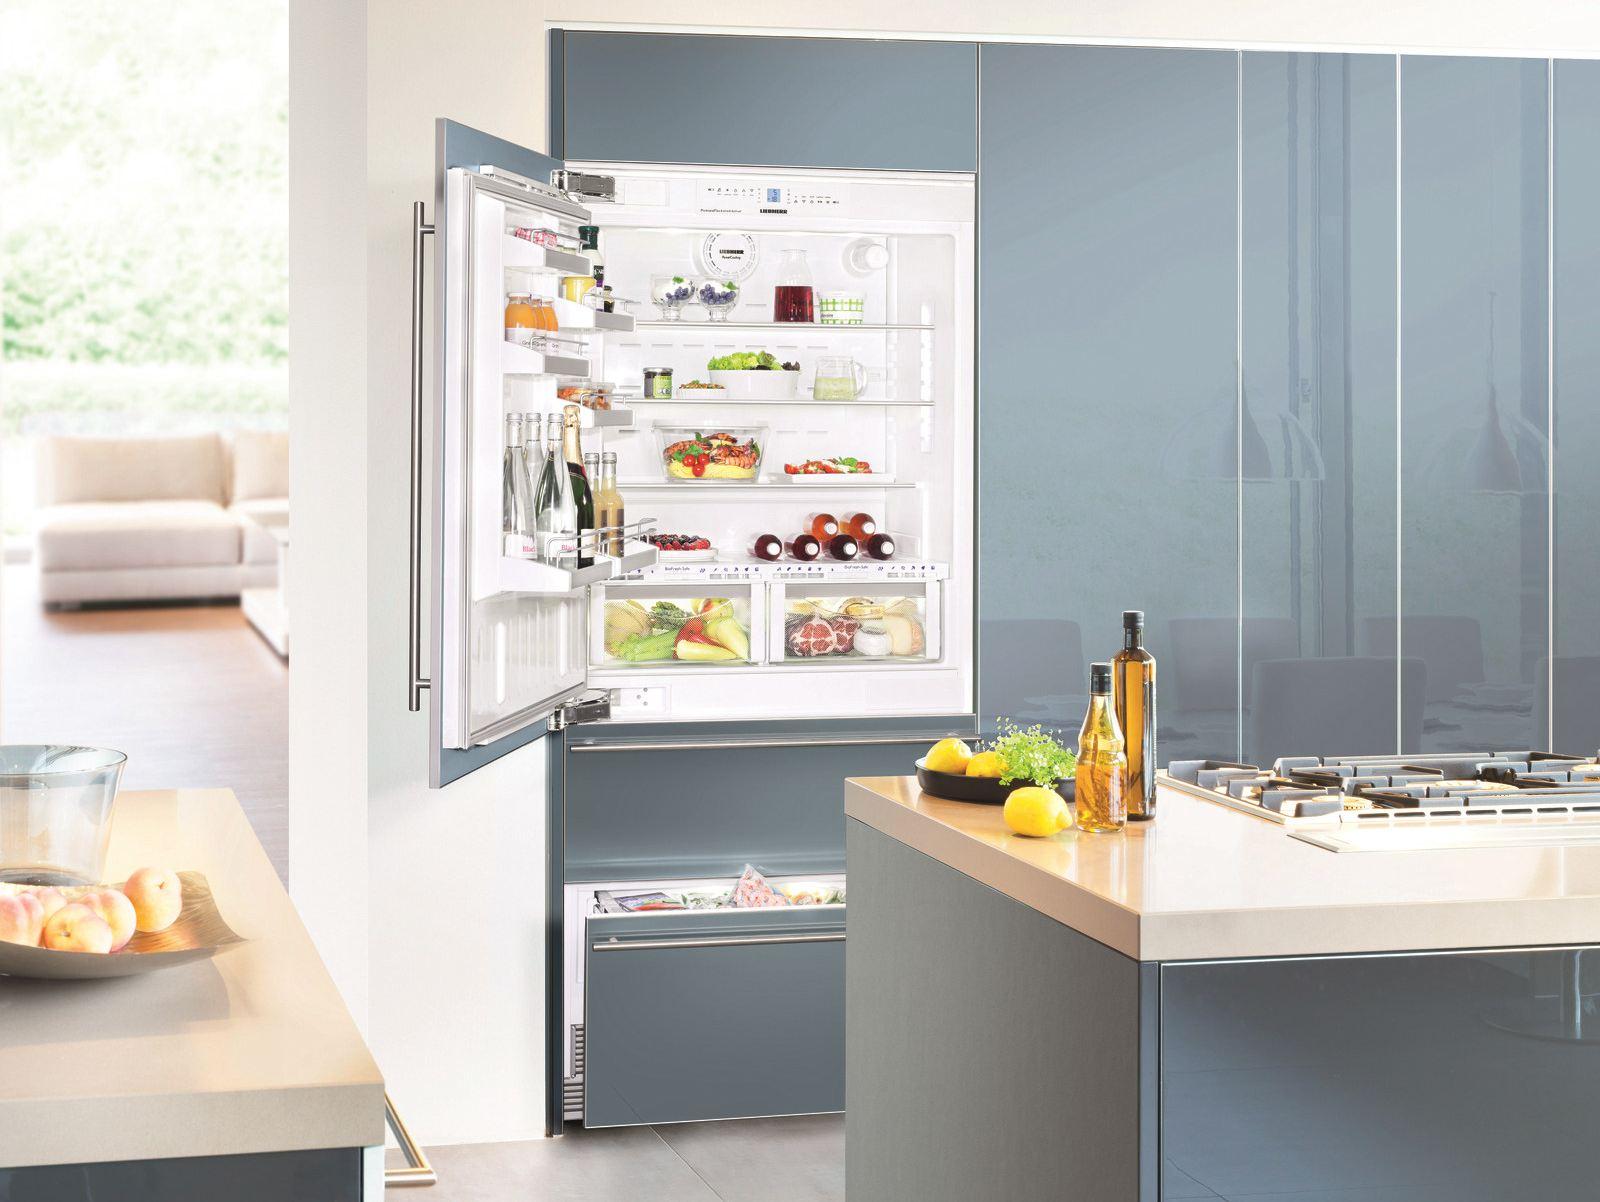 Холодильники Hotpoint Ariston _ лучши модели ТОП-ового бренда на рынке Украины - холодильник внутри